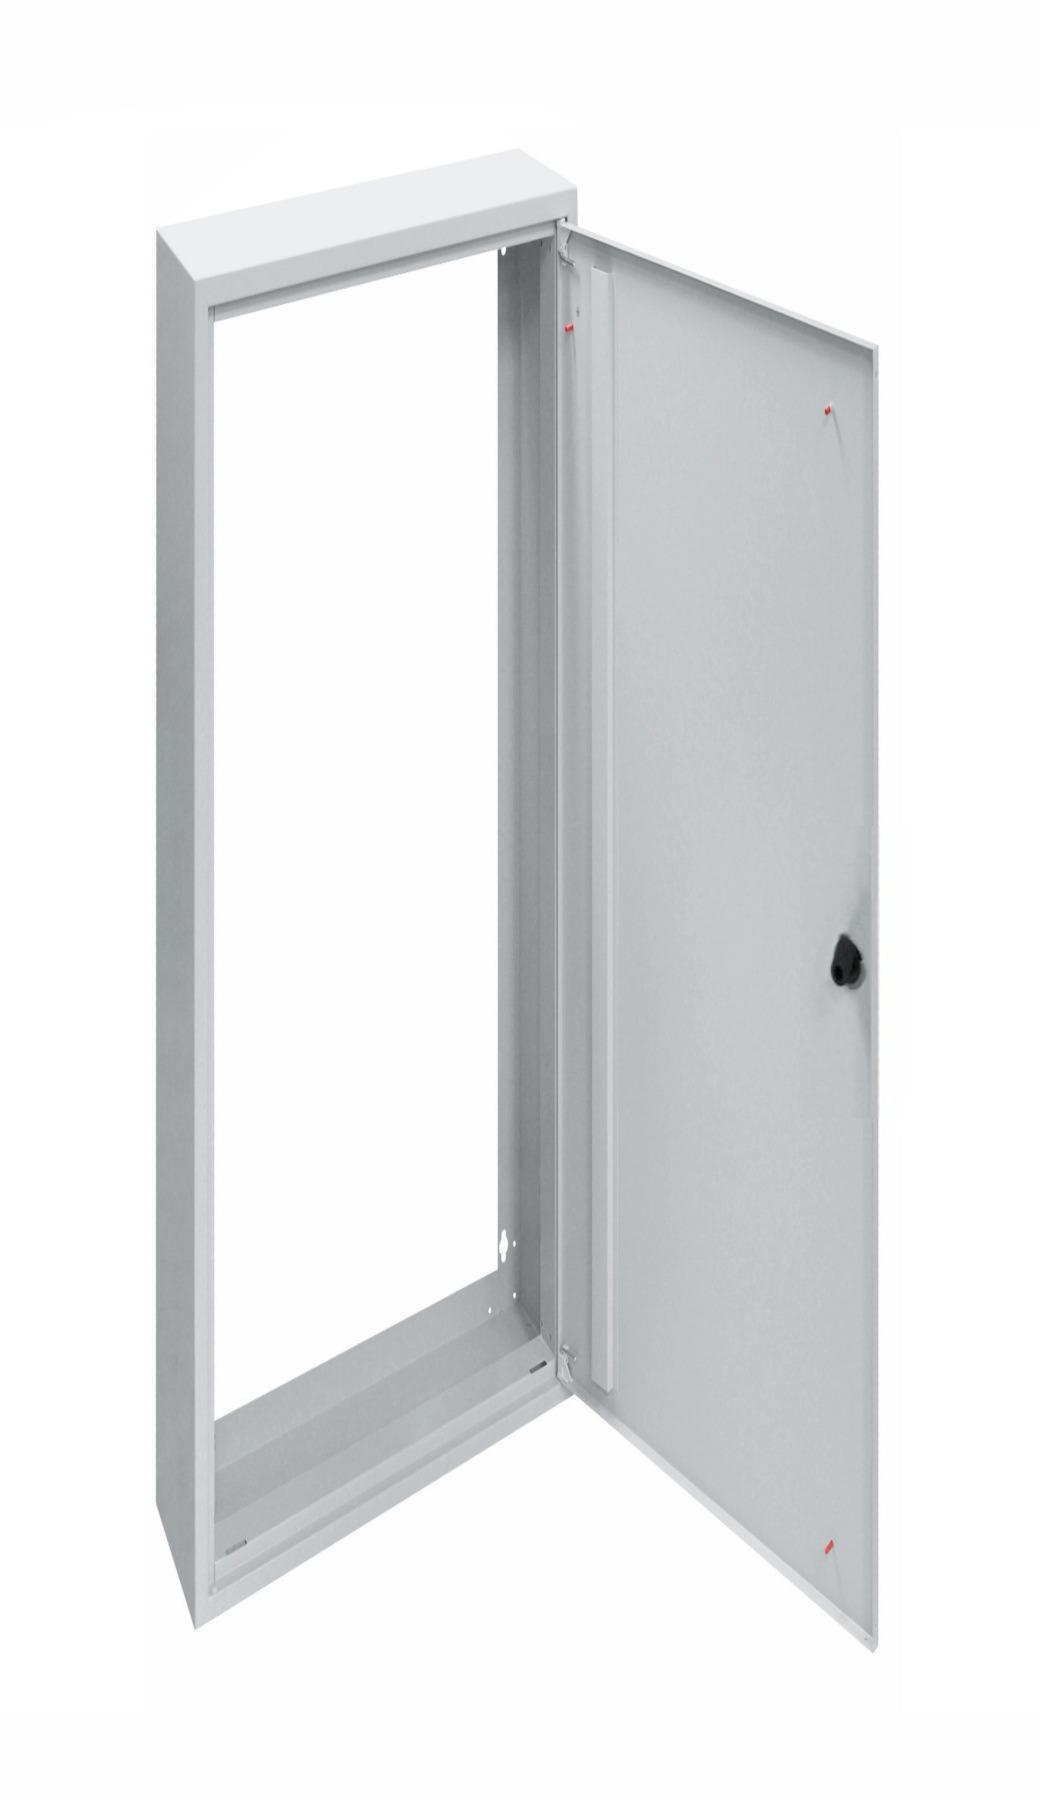 1 Stk Aufputz-Rahmen mit Türe 1A-21, H1055B380T250mm IL006121-F